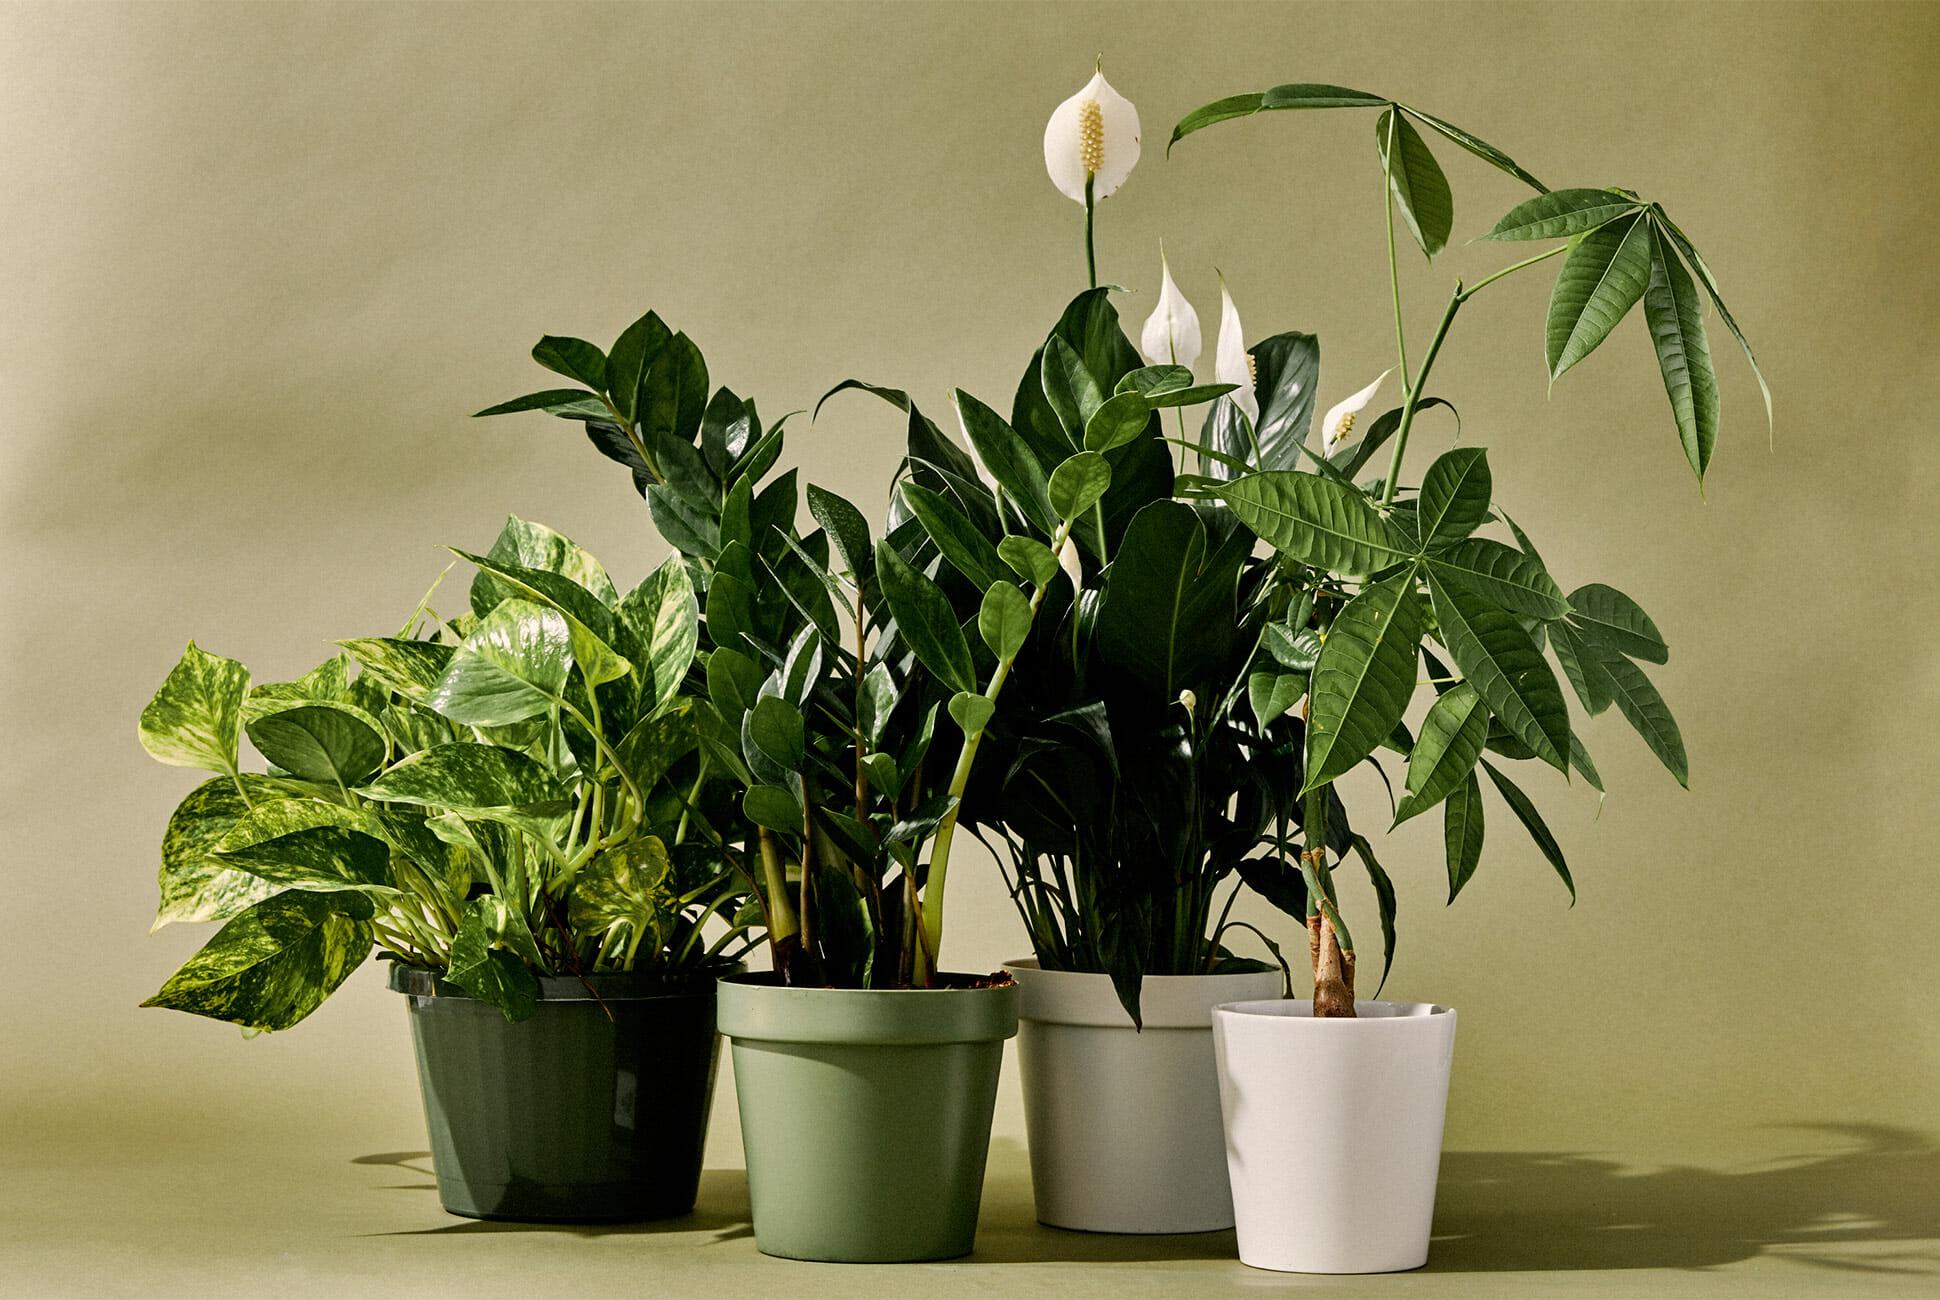 10-Best-Indoor-Plants-Gear-Patrol-lead-full.jpg